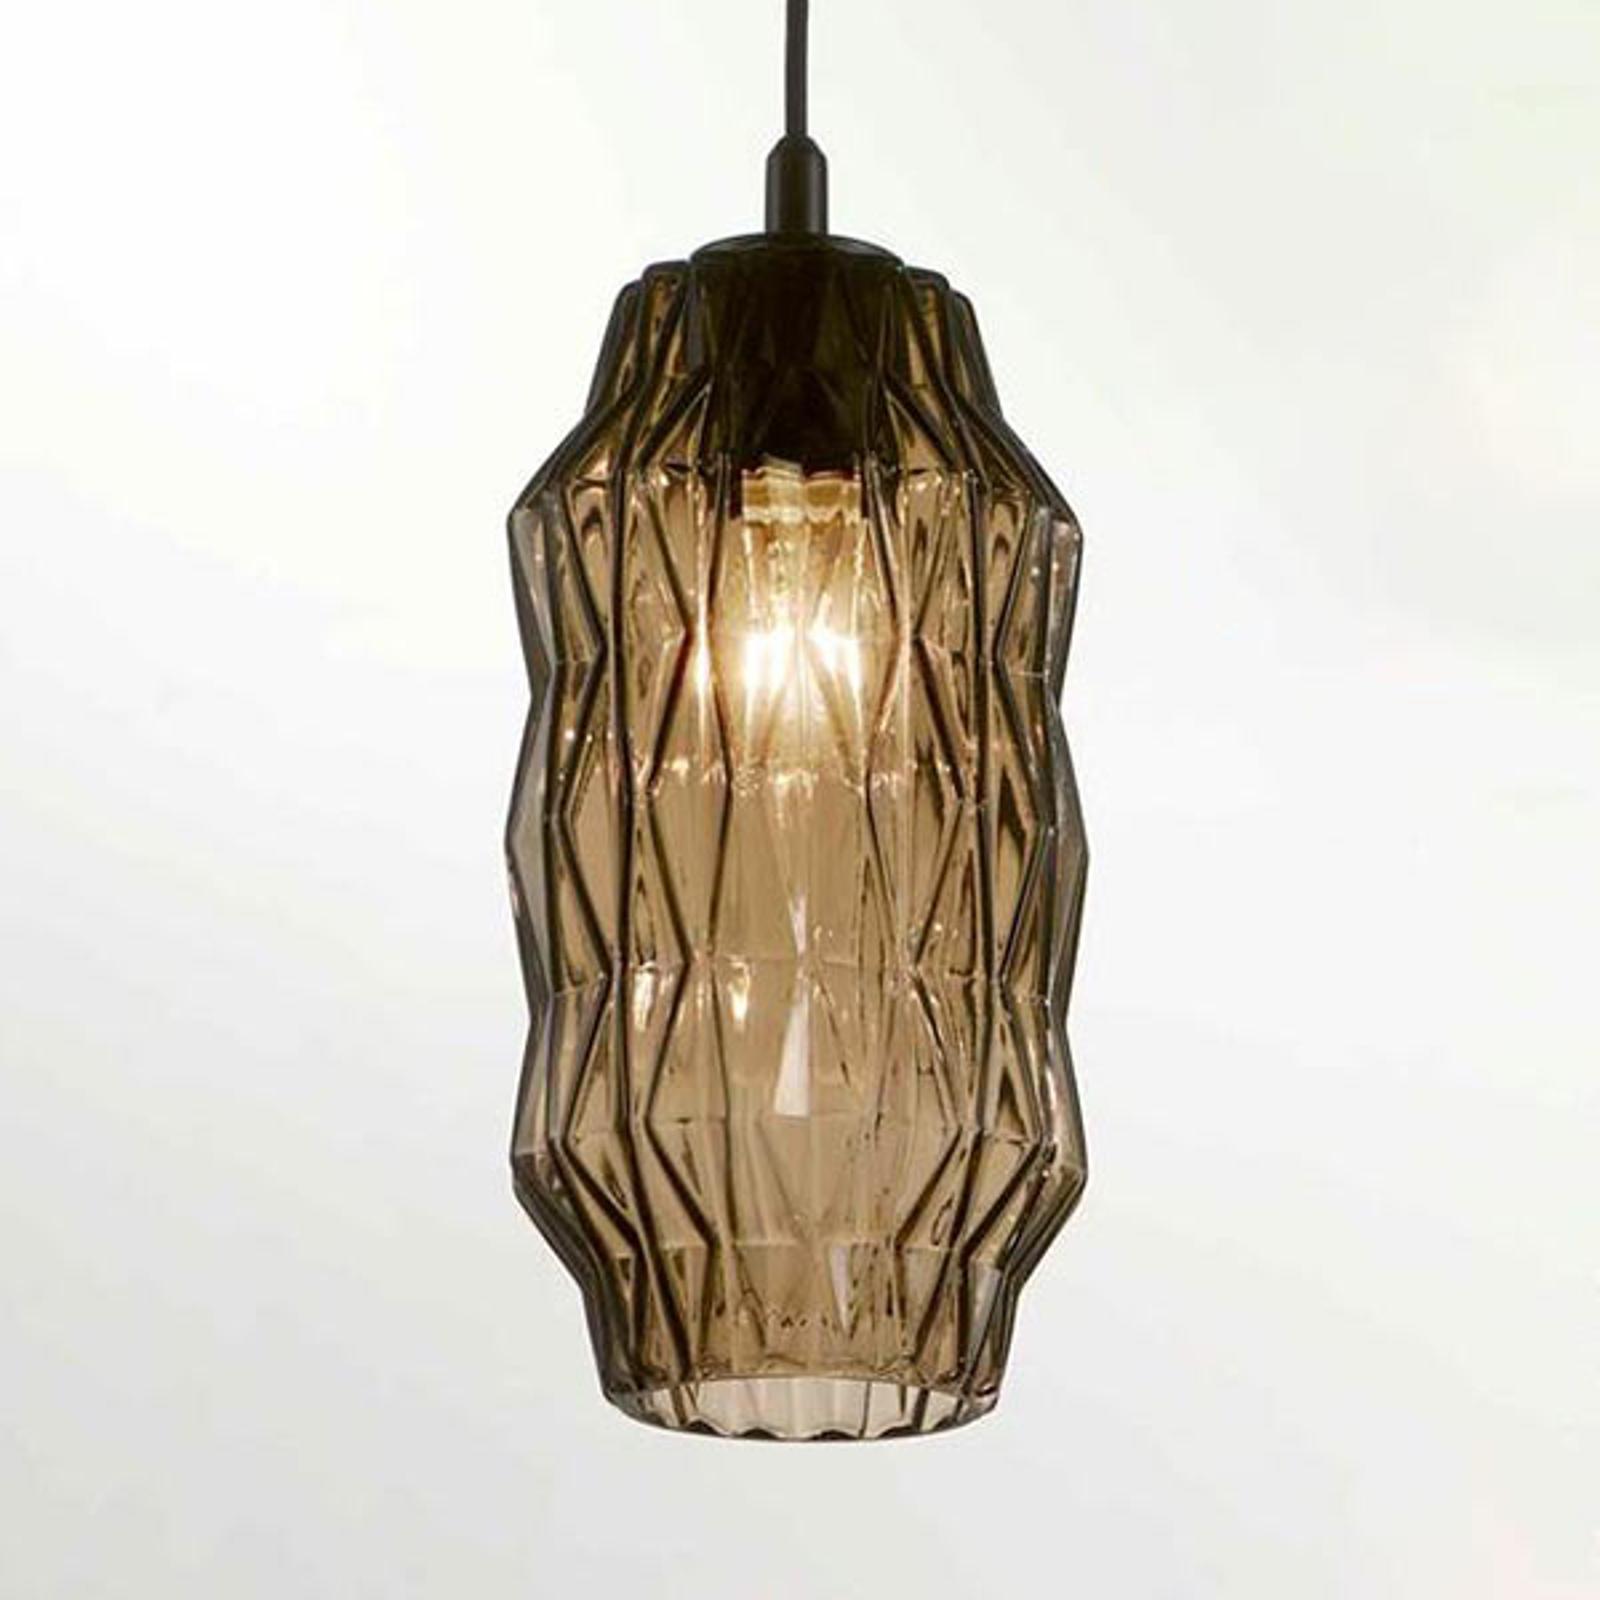 Hanglamp origami van glas, grijs-bruin